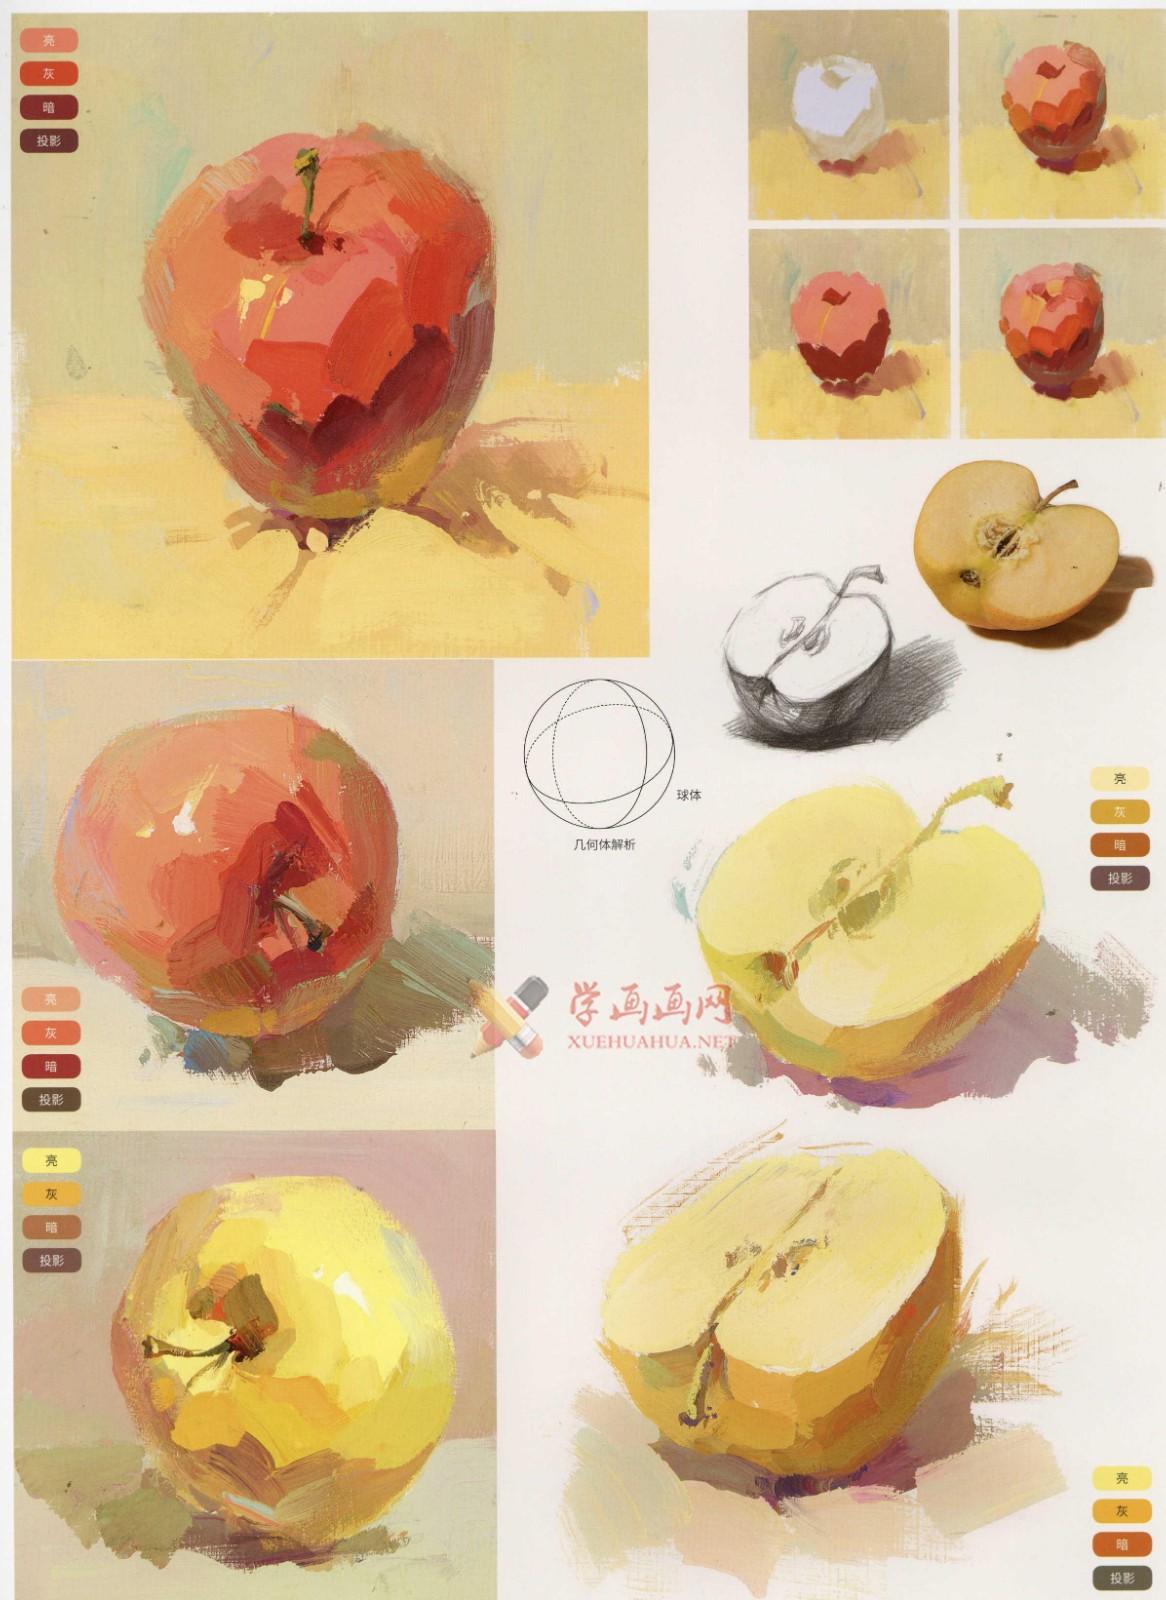 水粉画单体静物:苹果的画法图解及临摹高清范画图片(6)